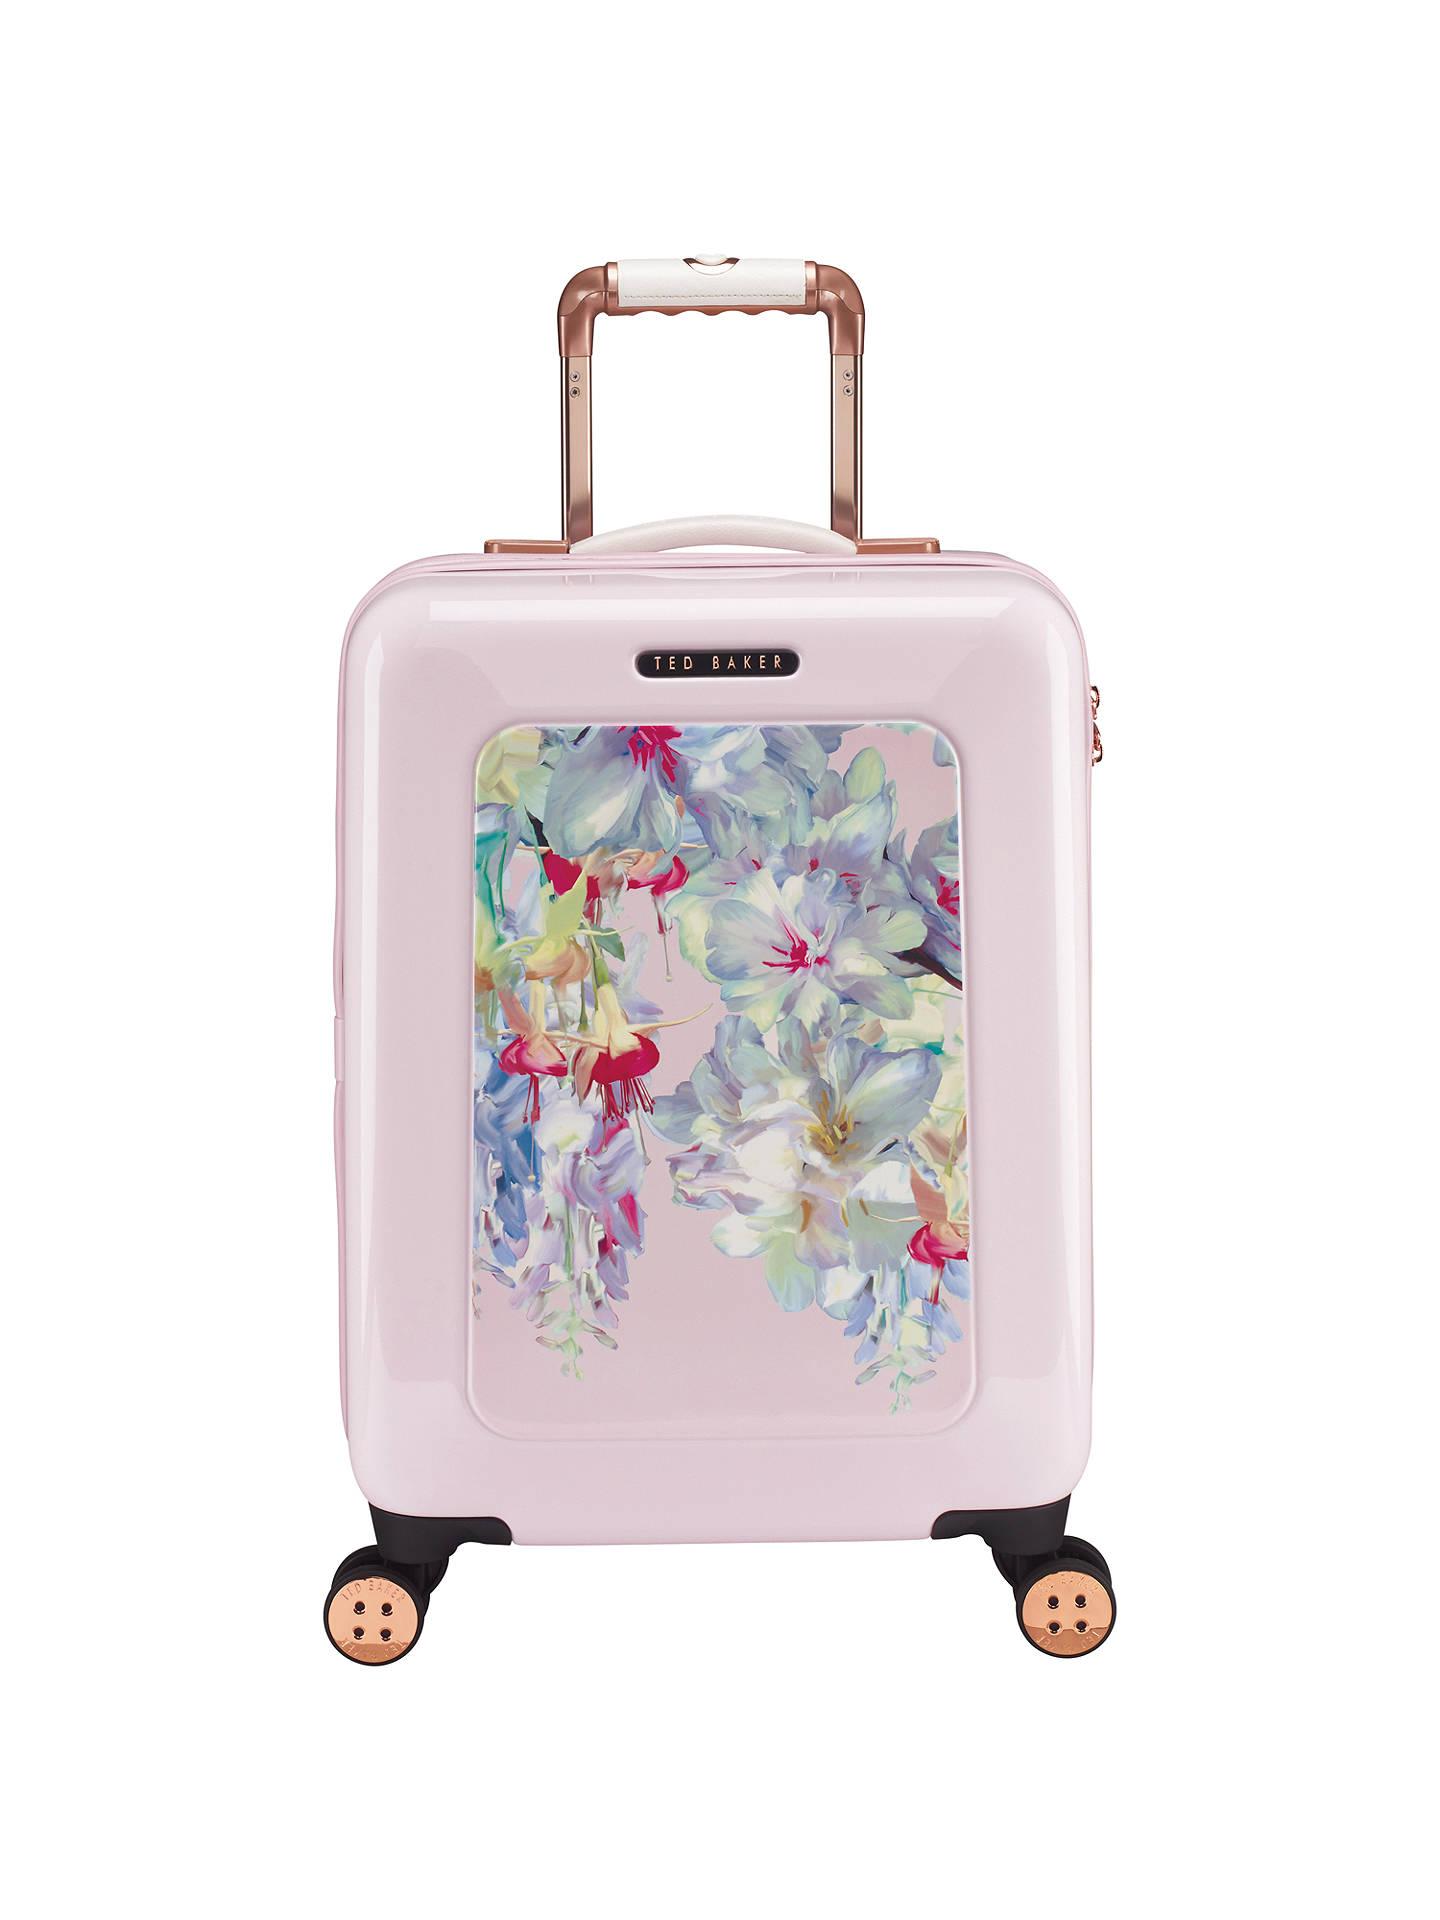 70a21aac4da3e Buy Ted Baker Arianna Hanging Gardens 4-Wheel 54cm Suitcase